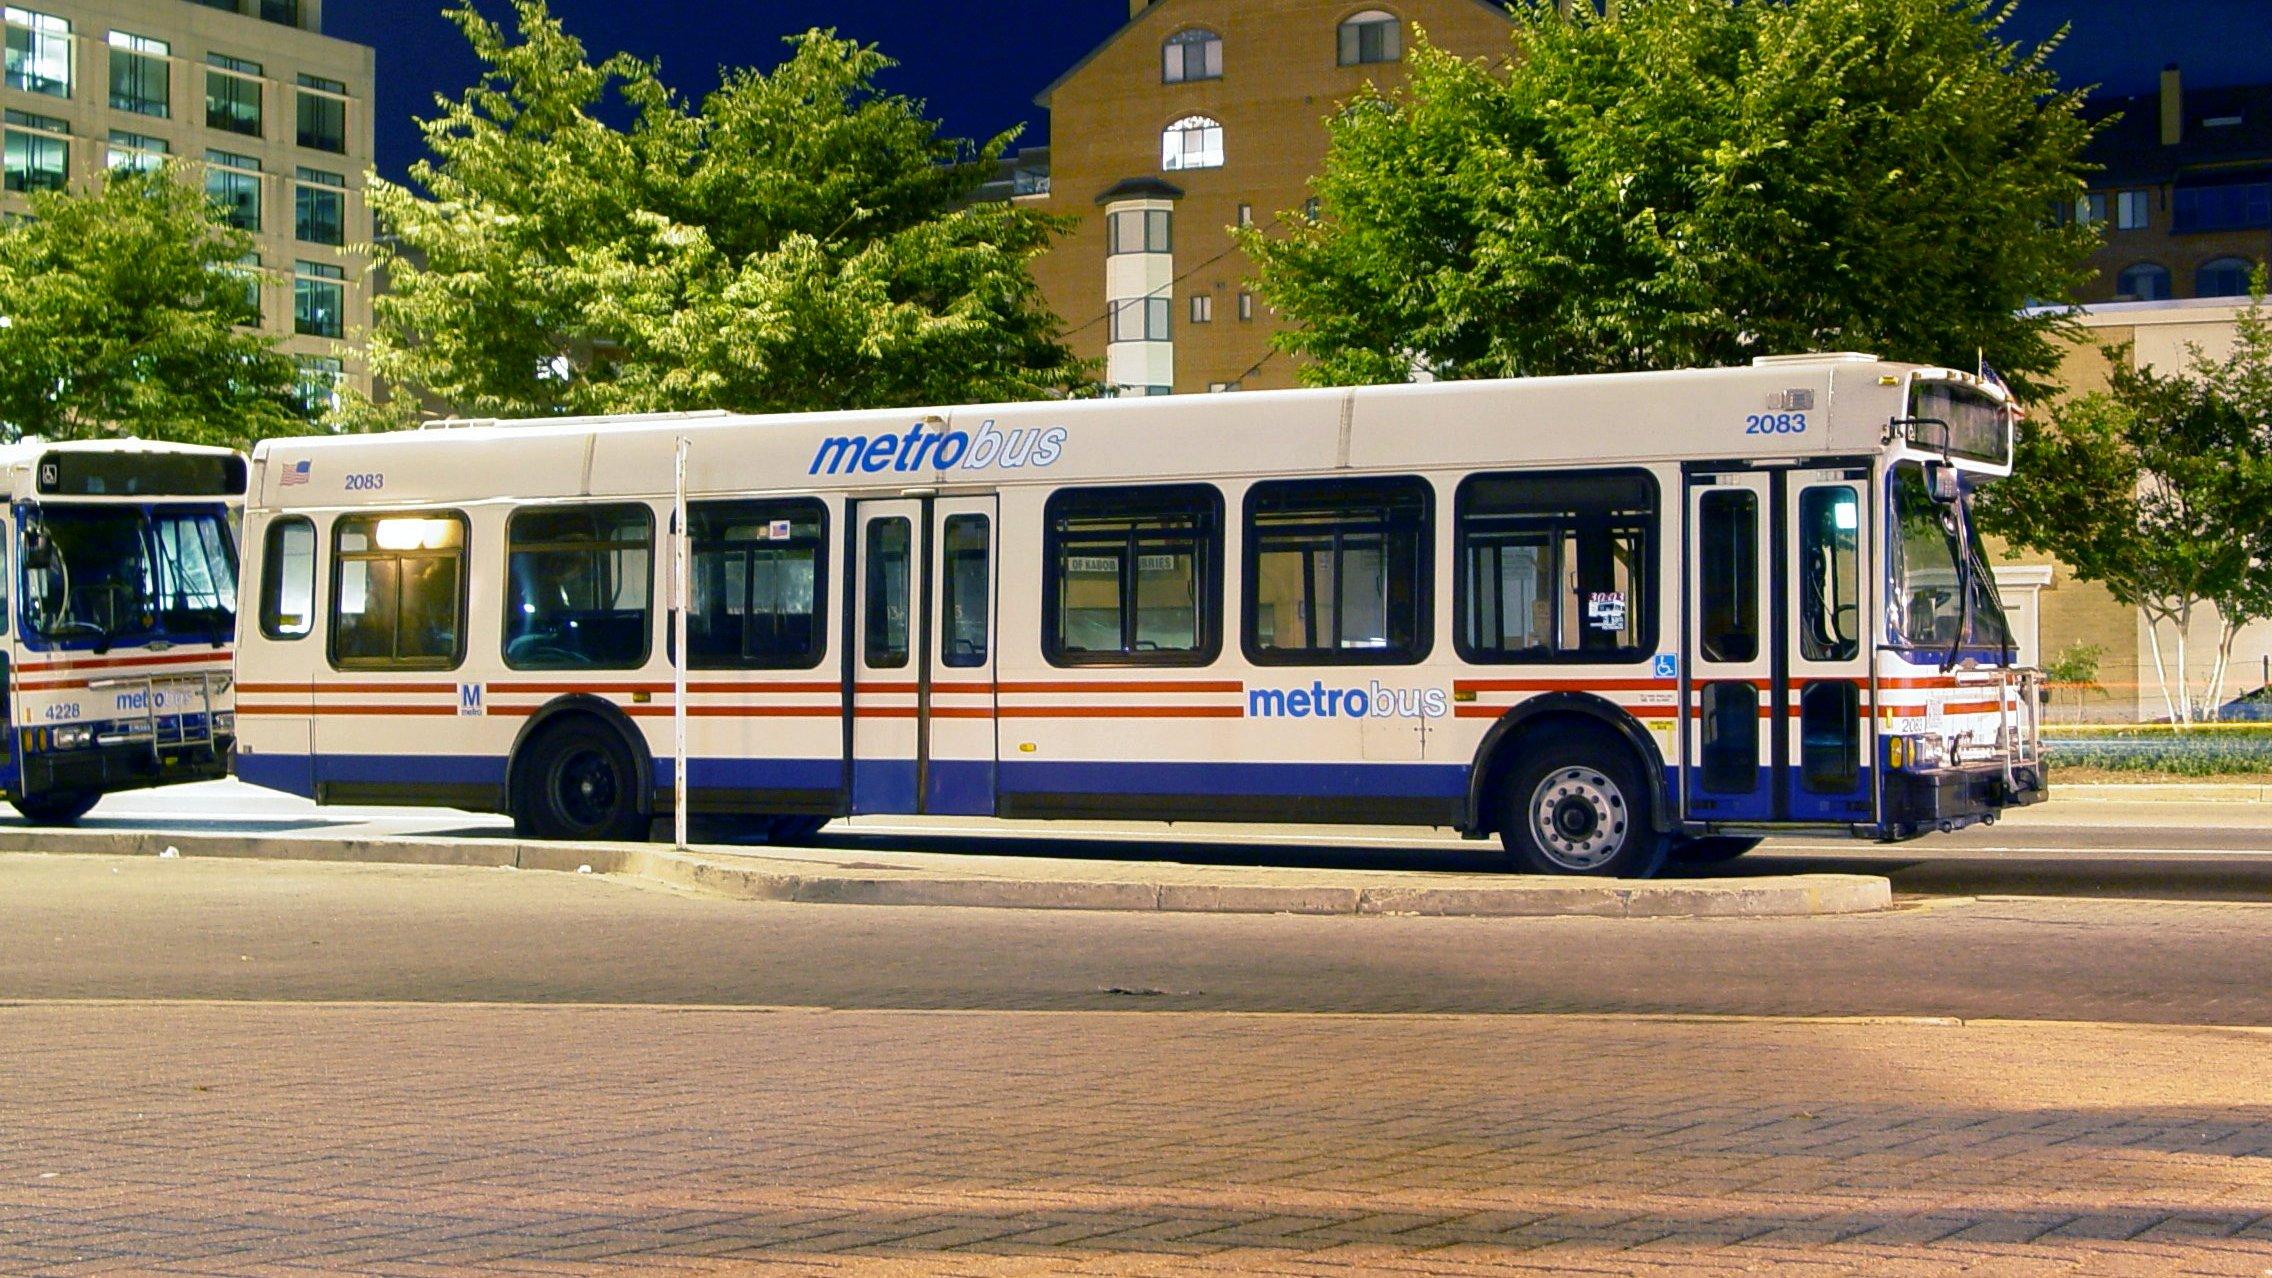 Washington Dc Bus Tours Hop On Hop Off